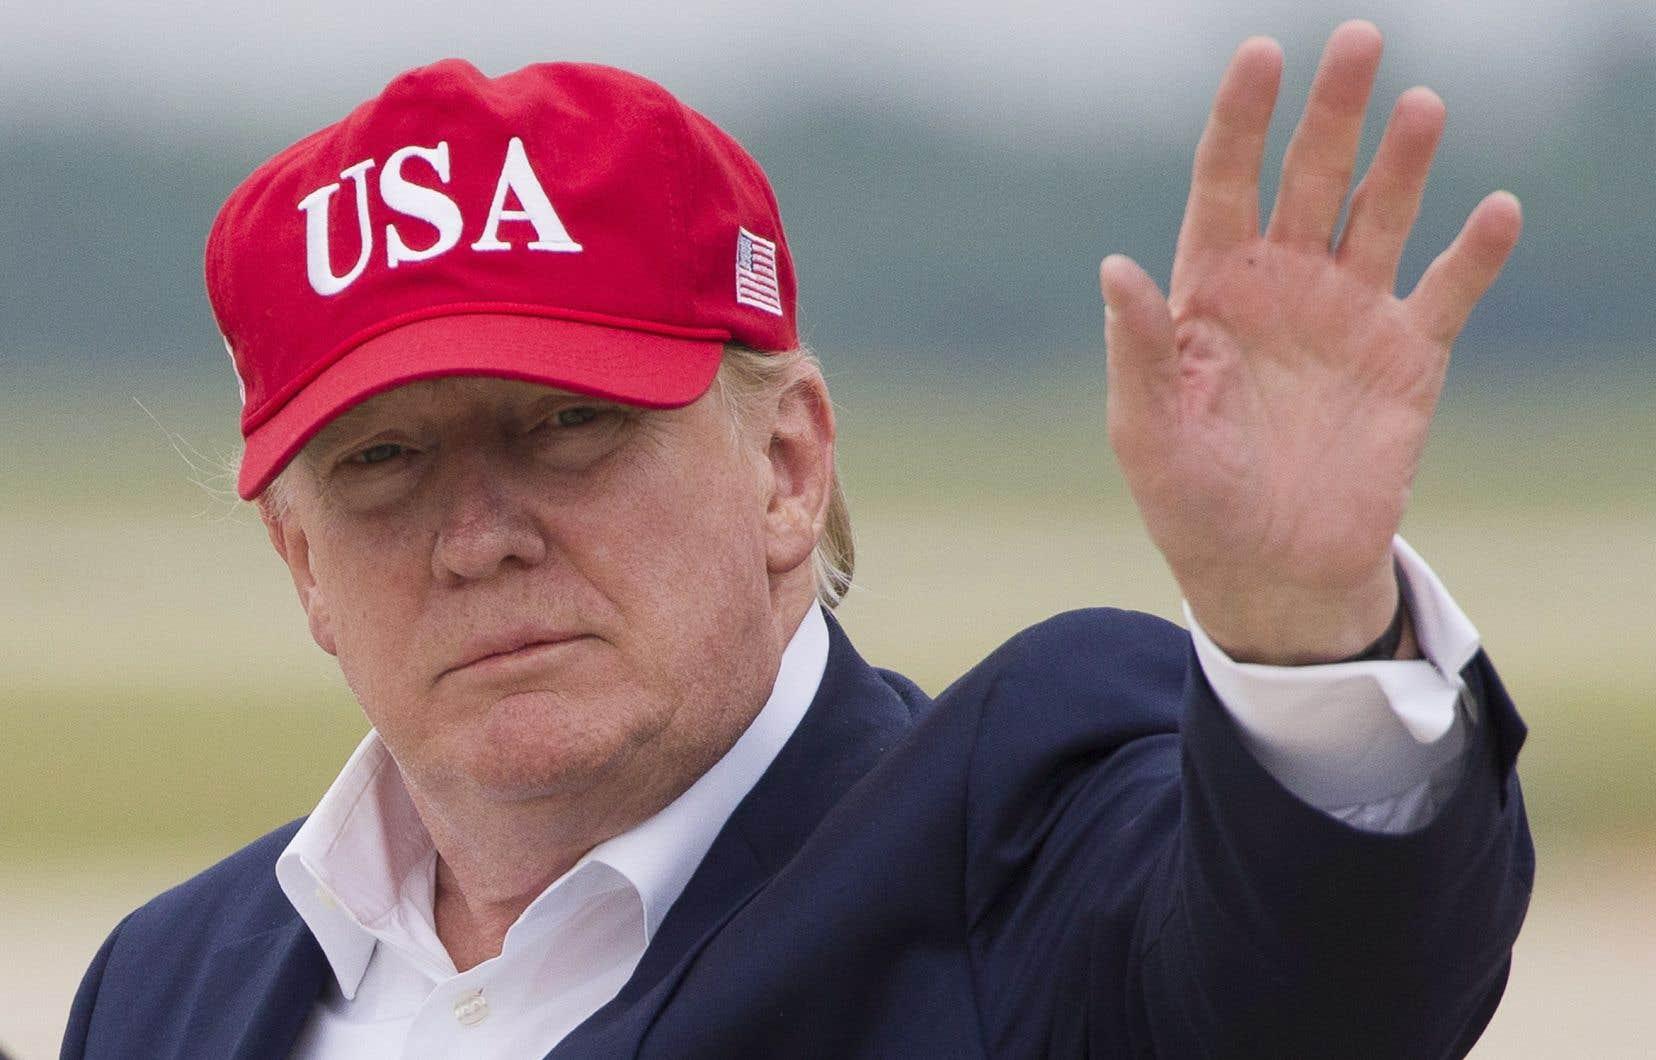 Donald Trump veut appliquer dès lundi une taxe de 5% sur tous les biens provenant du Mexique, une taxe qui pourrait augmenter jusqu'à 25% le 1er octobre.